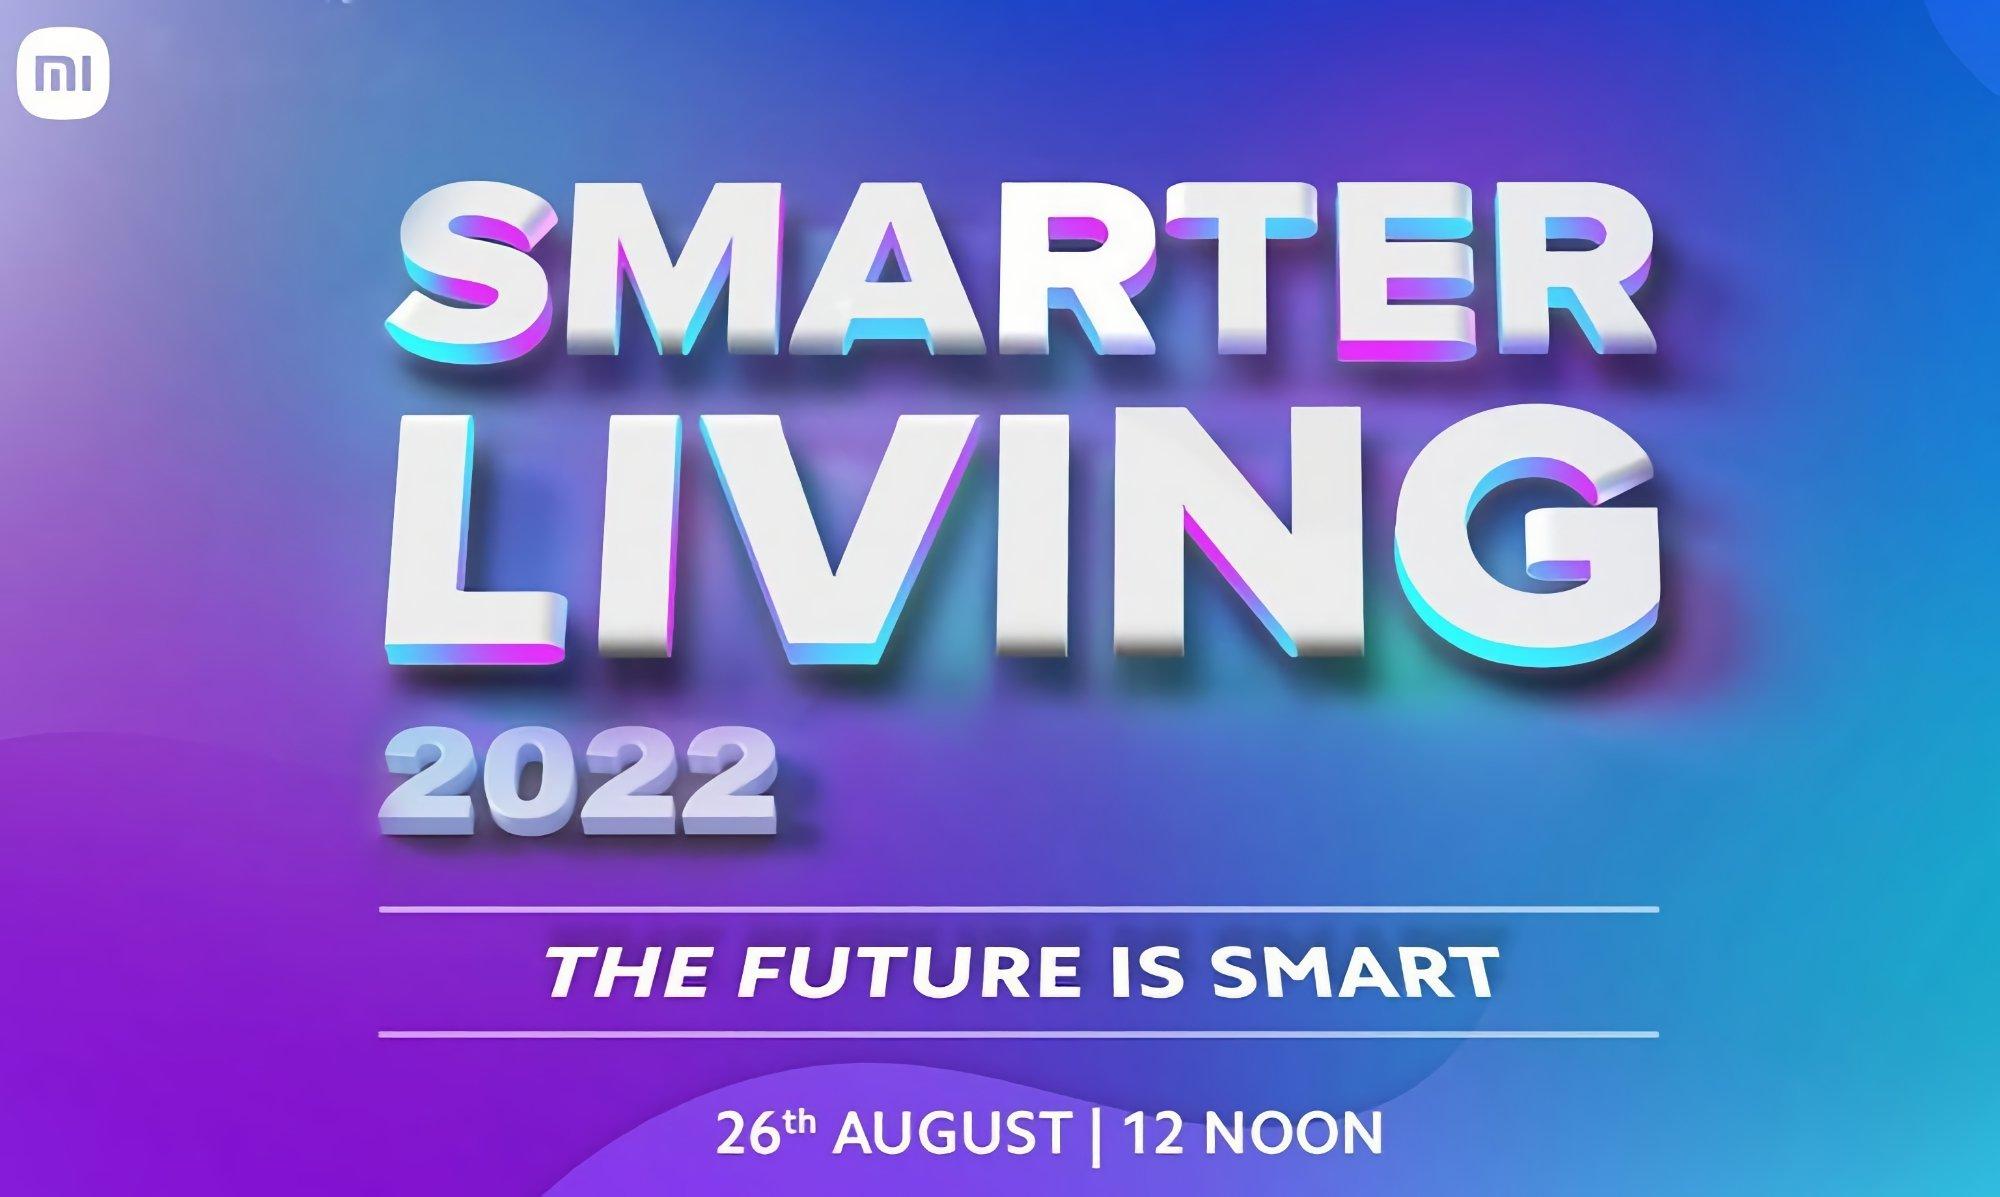 Xiaomi evento Smarter living 2022